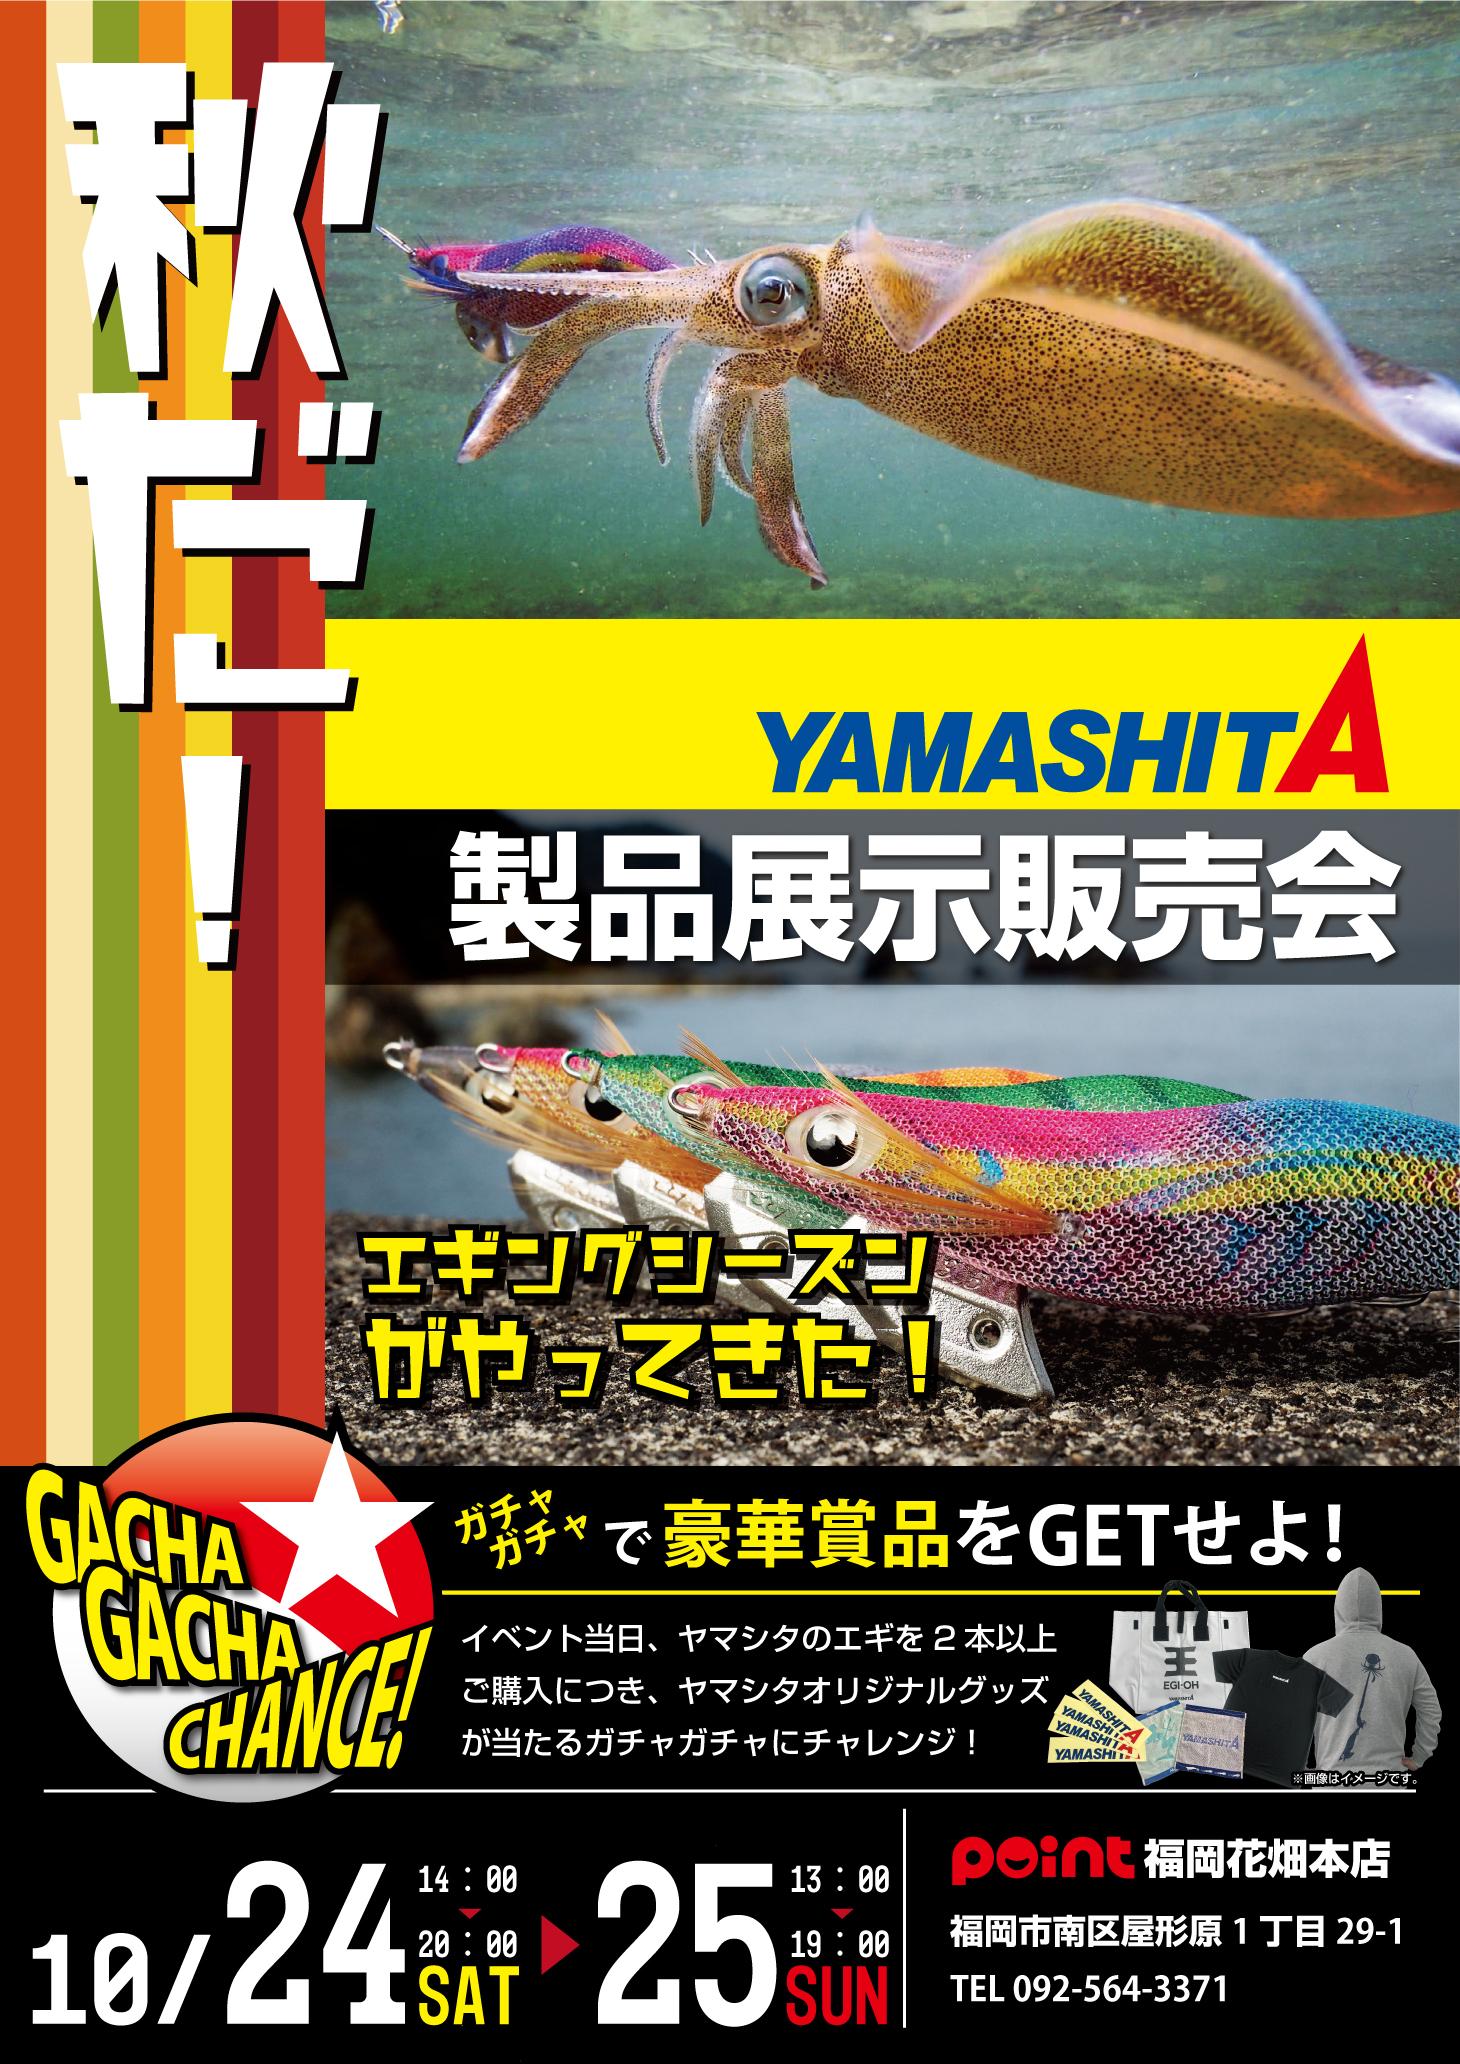 Yamashita製品展示受注会 福岡花畑本店